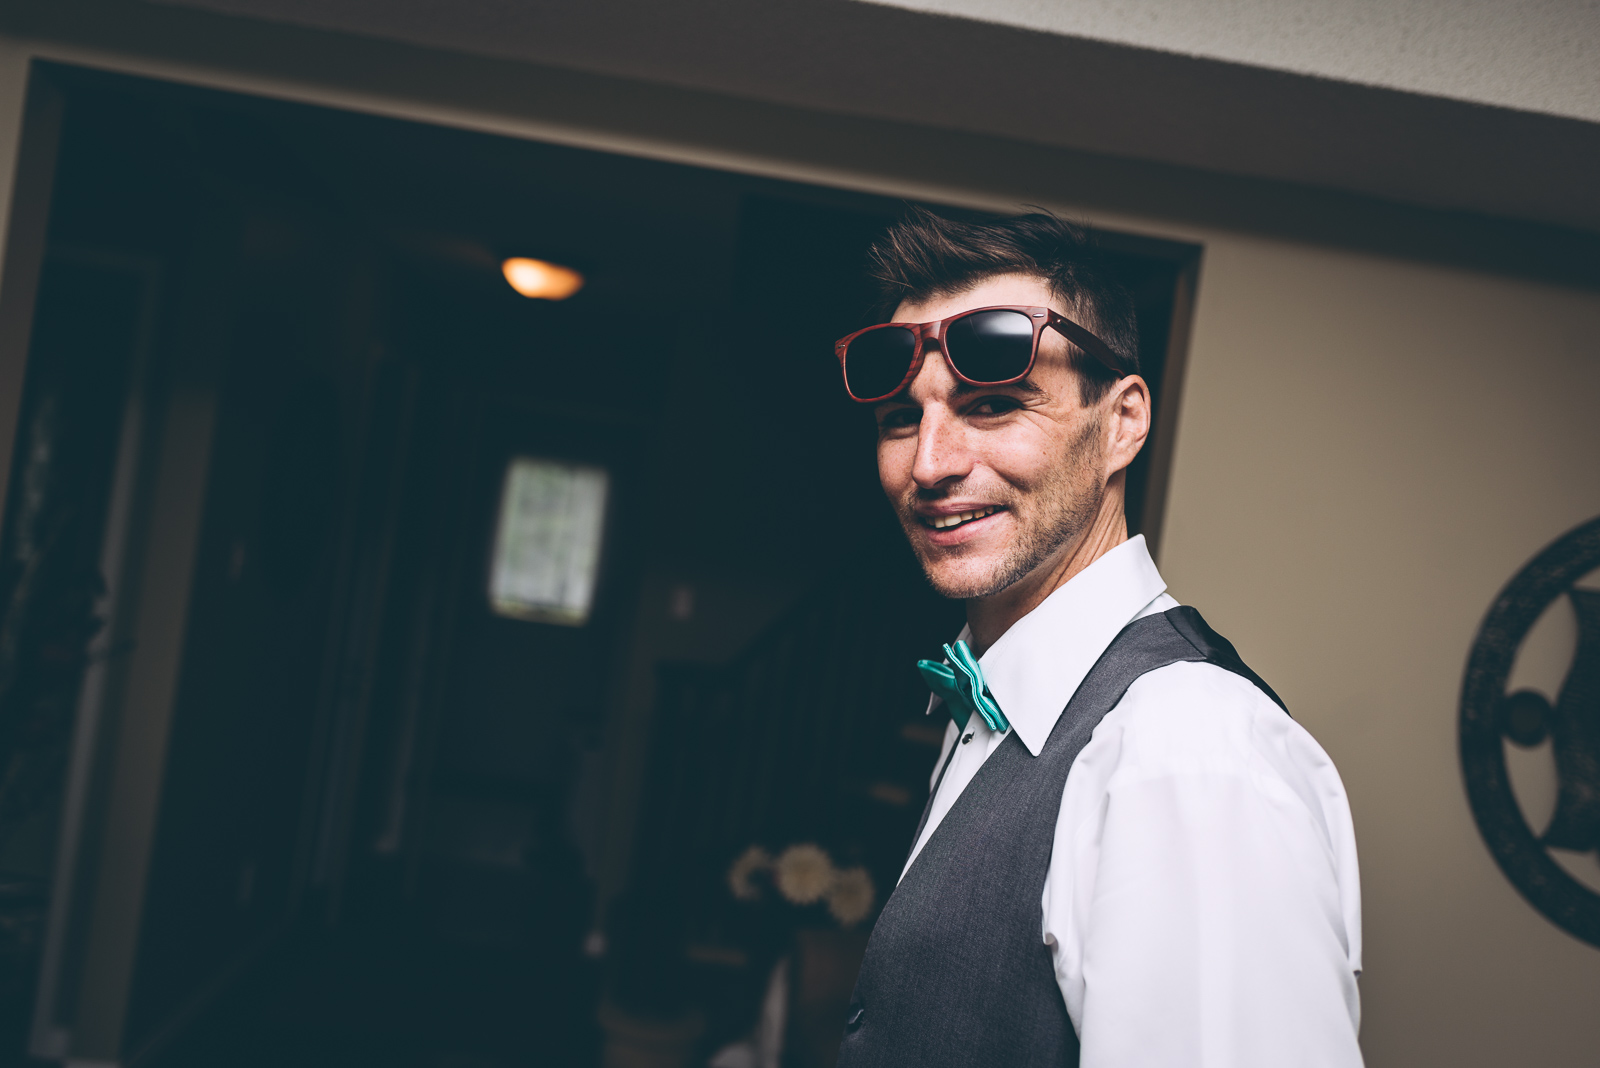 dan-josie-wedding-blog-1.jpg